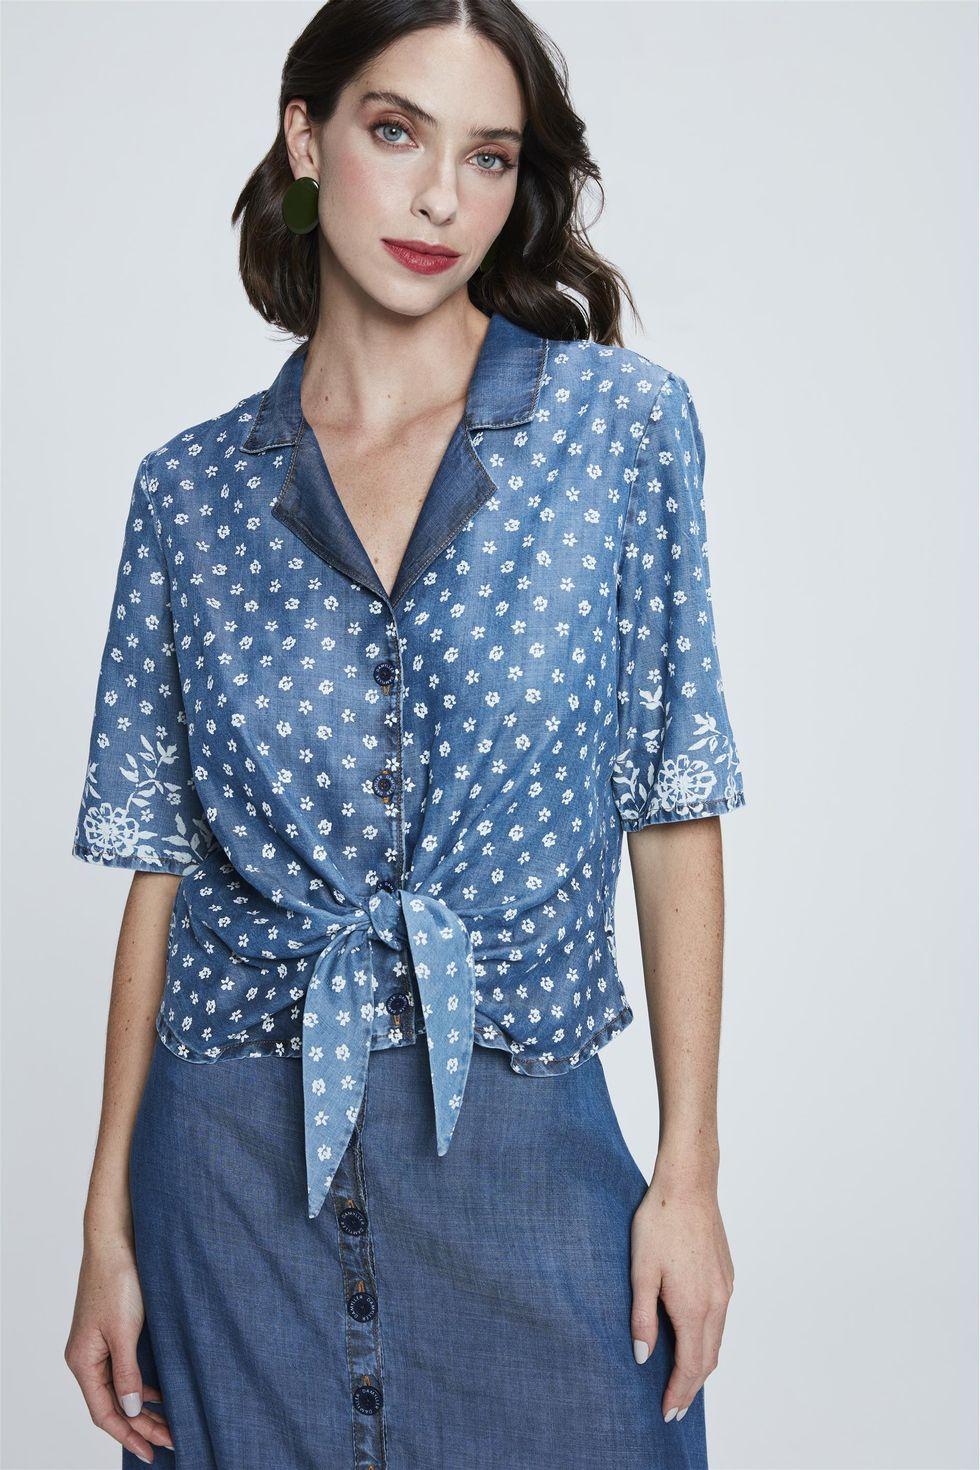 Camisa-Jeans-Cropped-com-Estampa-Floral-Frente--